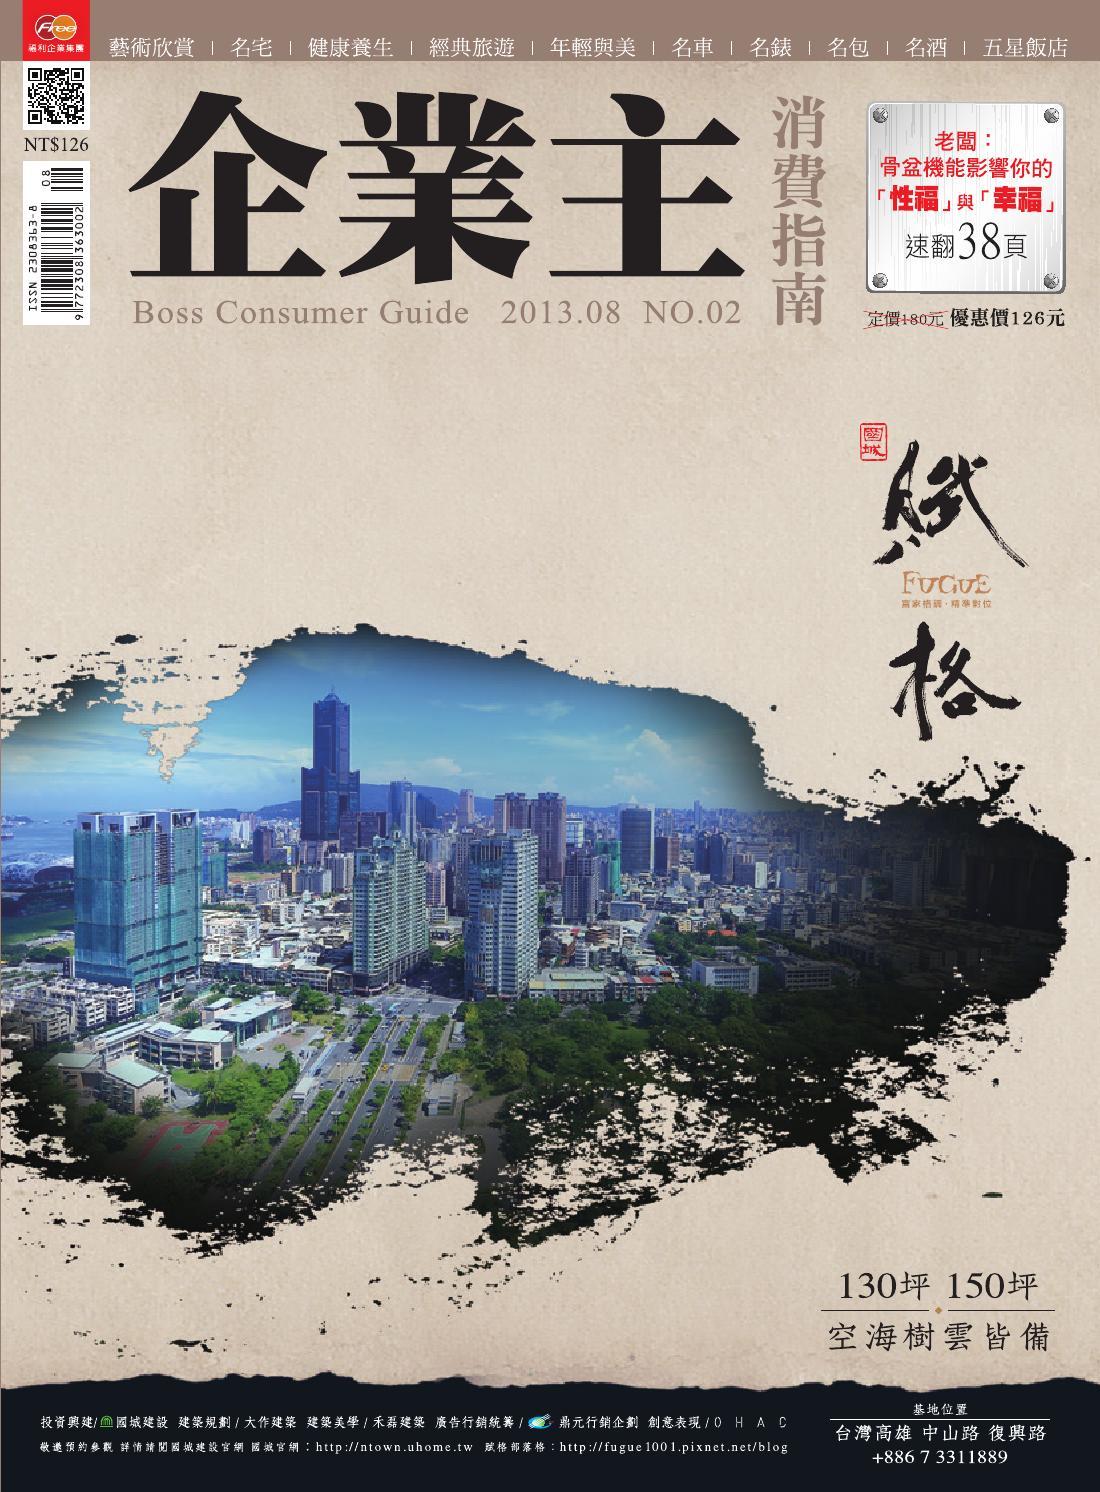 企業主NO.02 by 福利國際事業股份有限公司 - Issuu